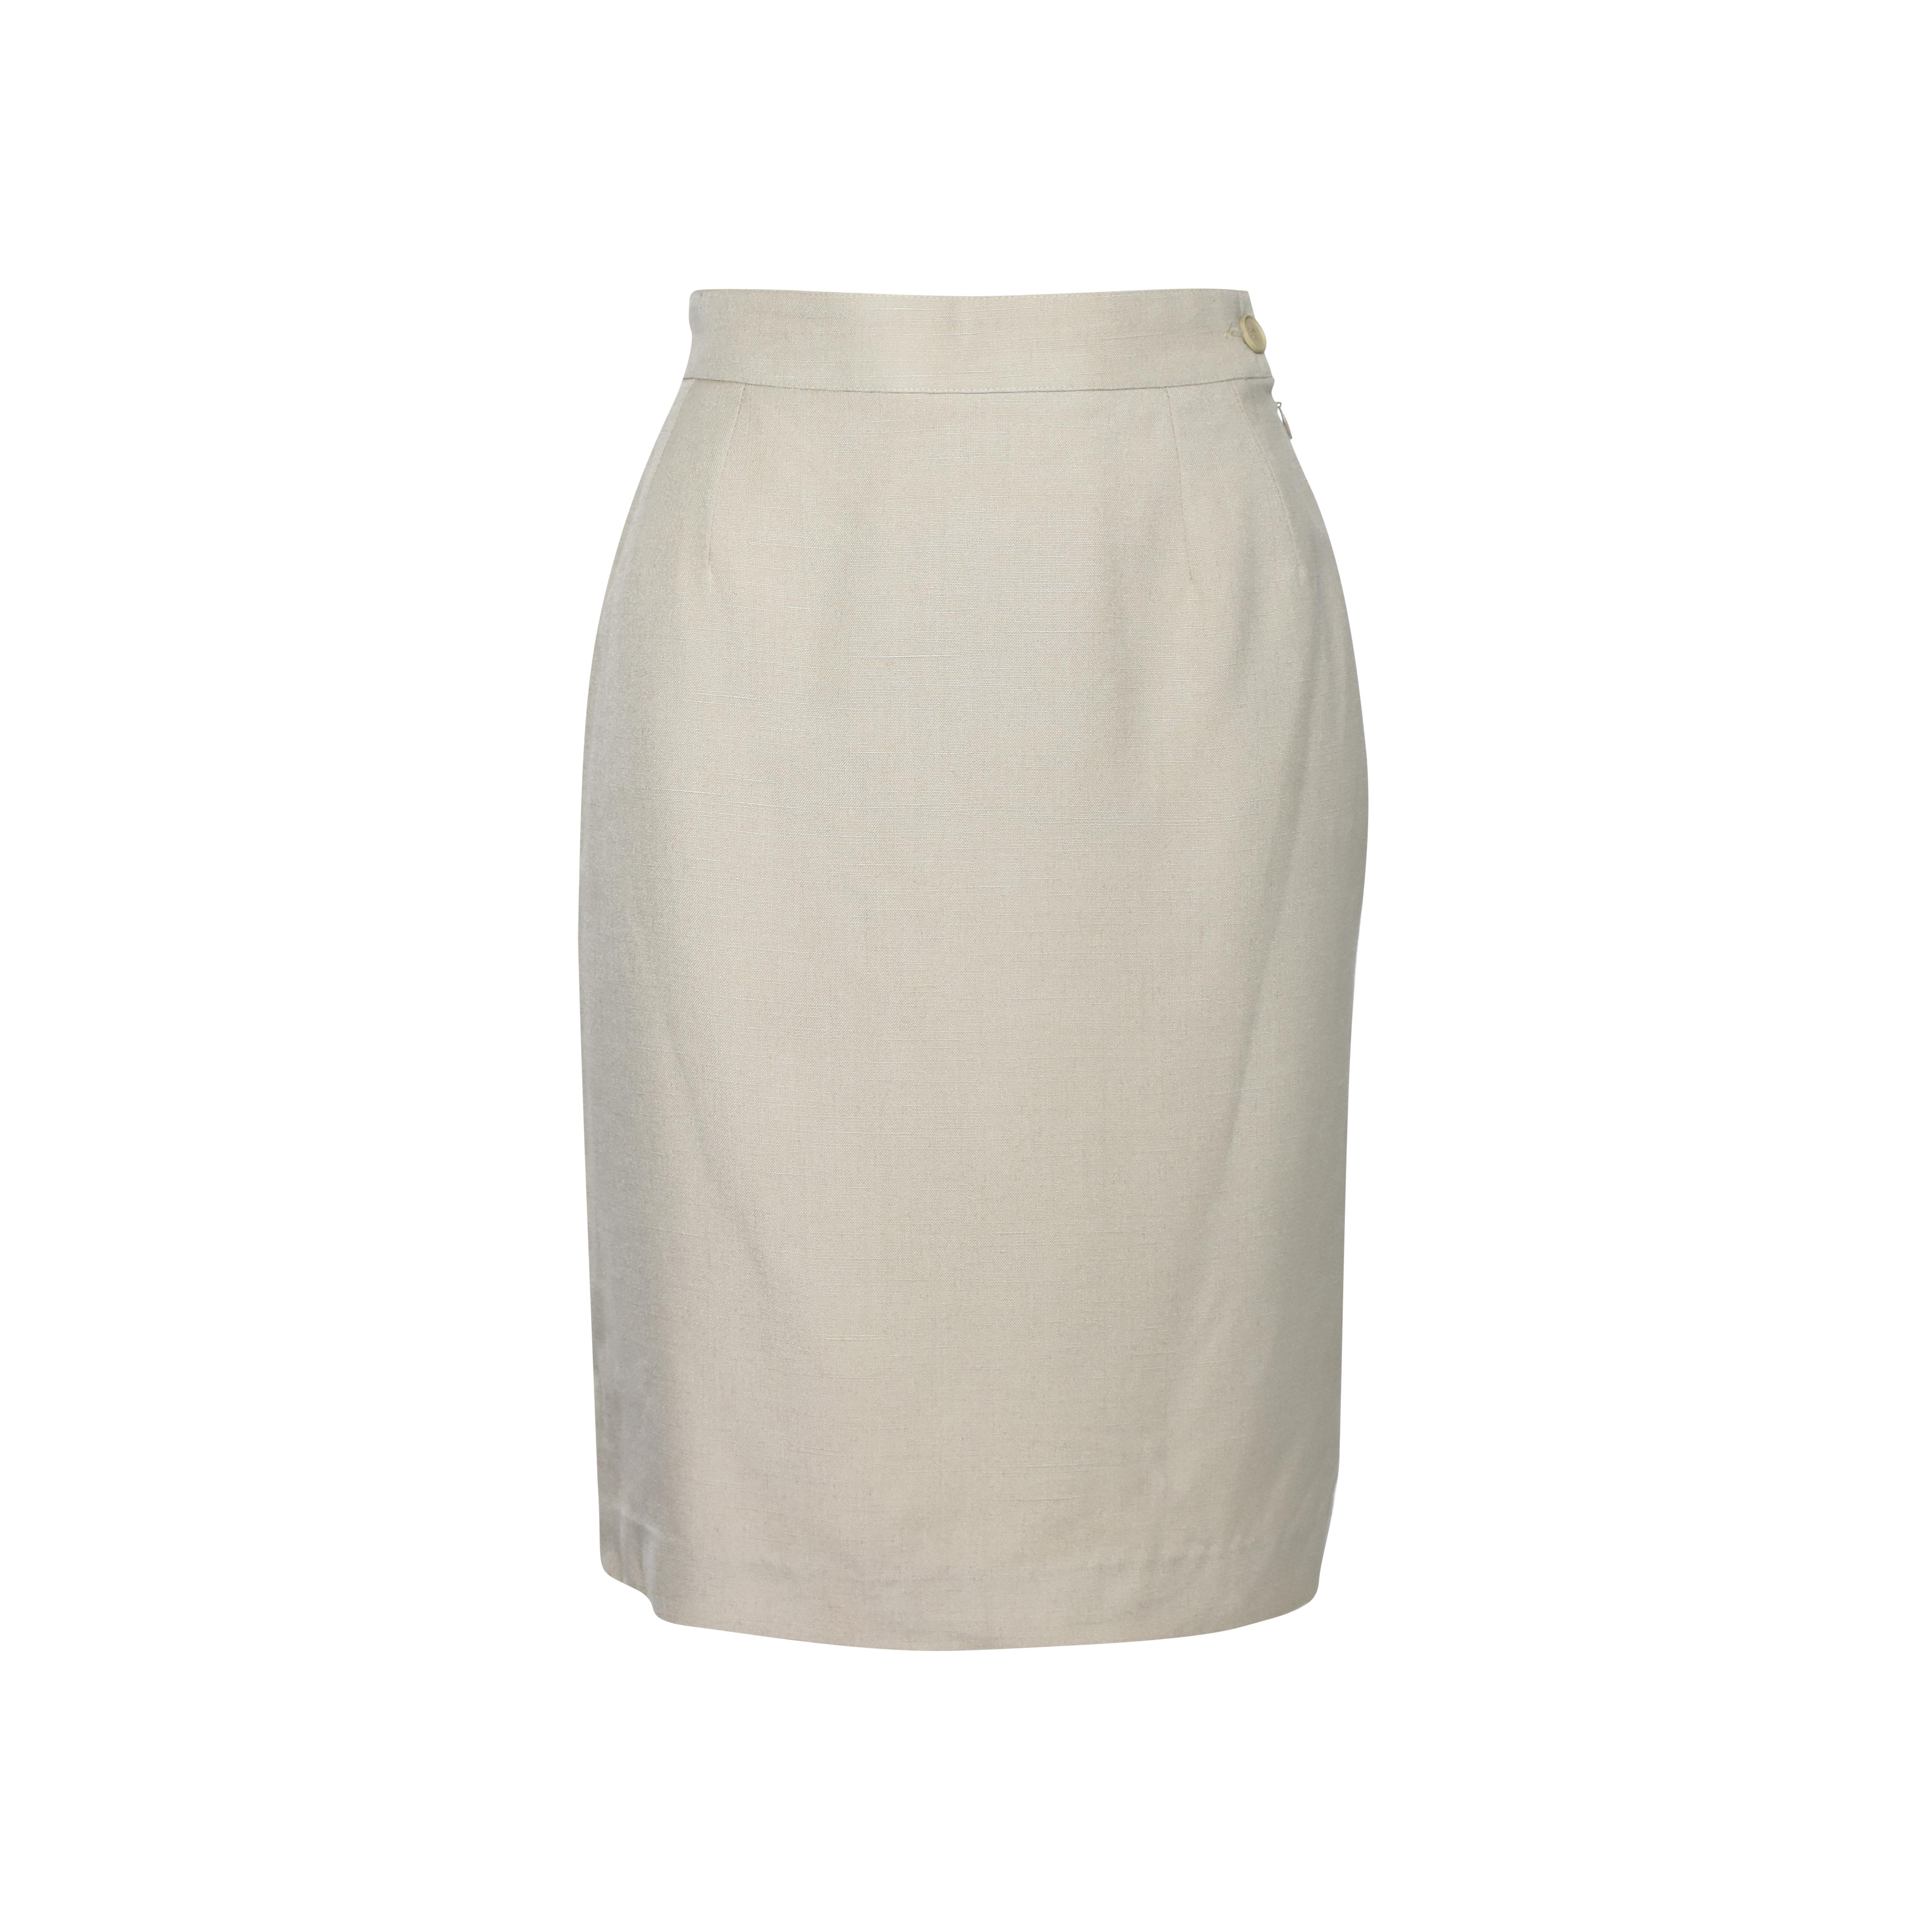 fd0d490b8ce1 Authentic Vintage Yves Saint Laurent Straight Cut Skirt (PSS-336-00017)